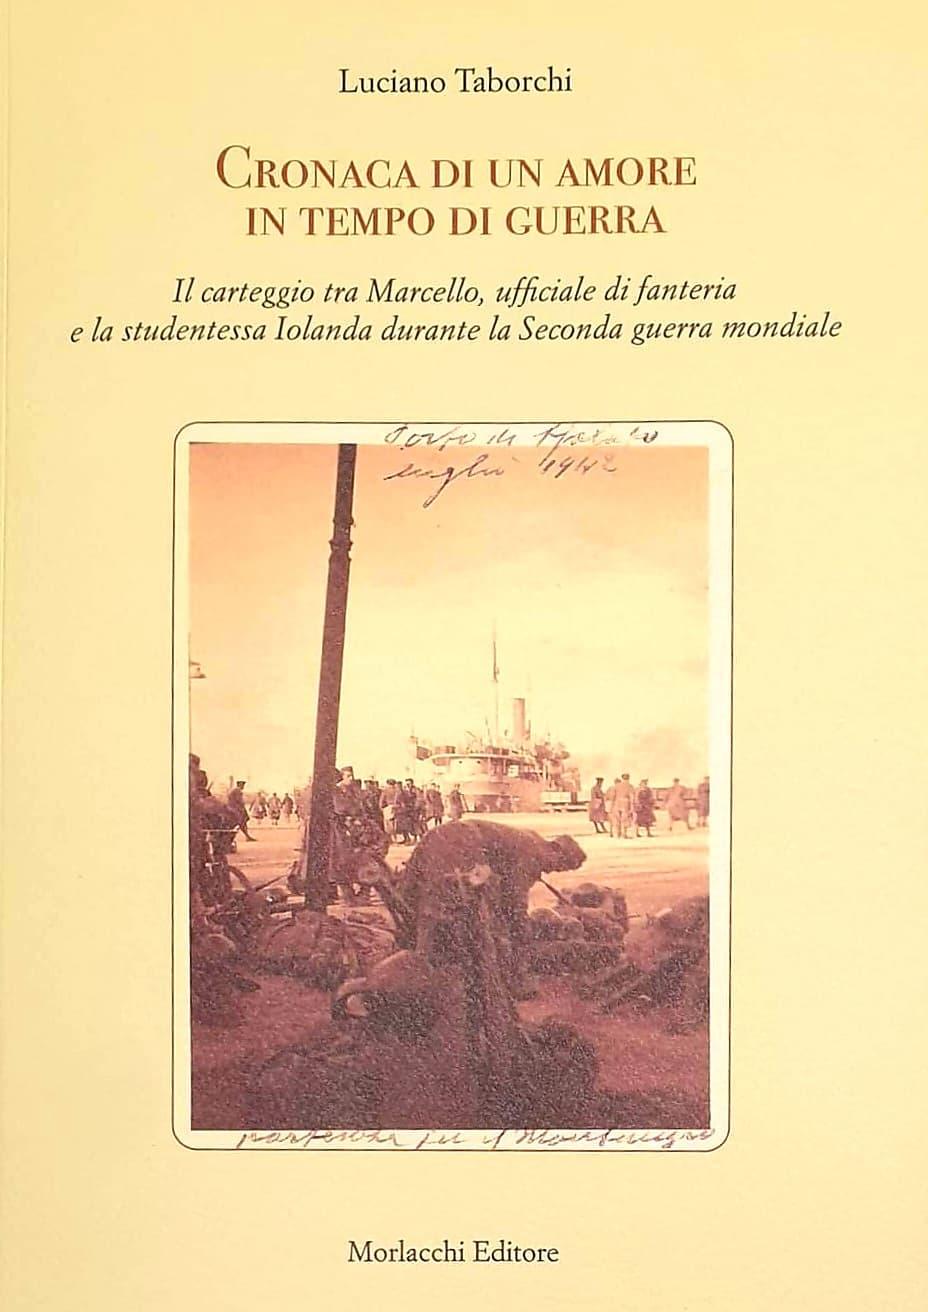 copertina_libro_luciano